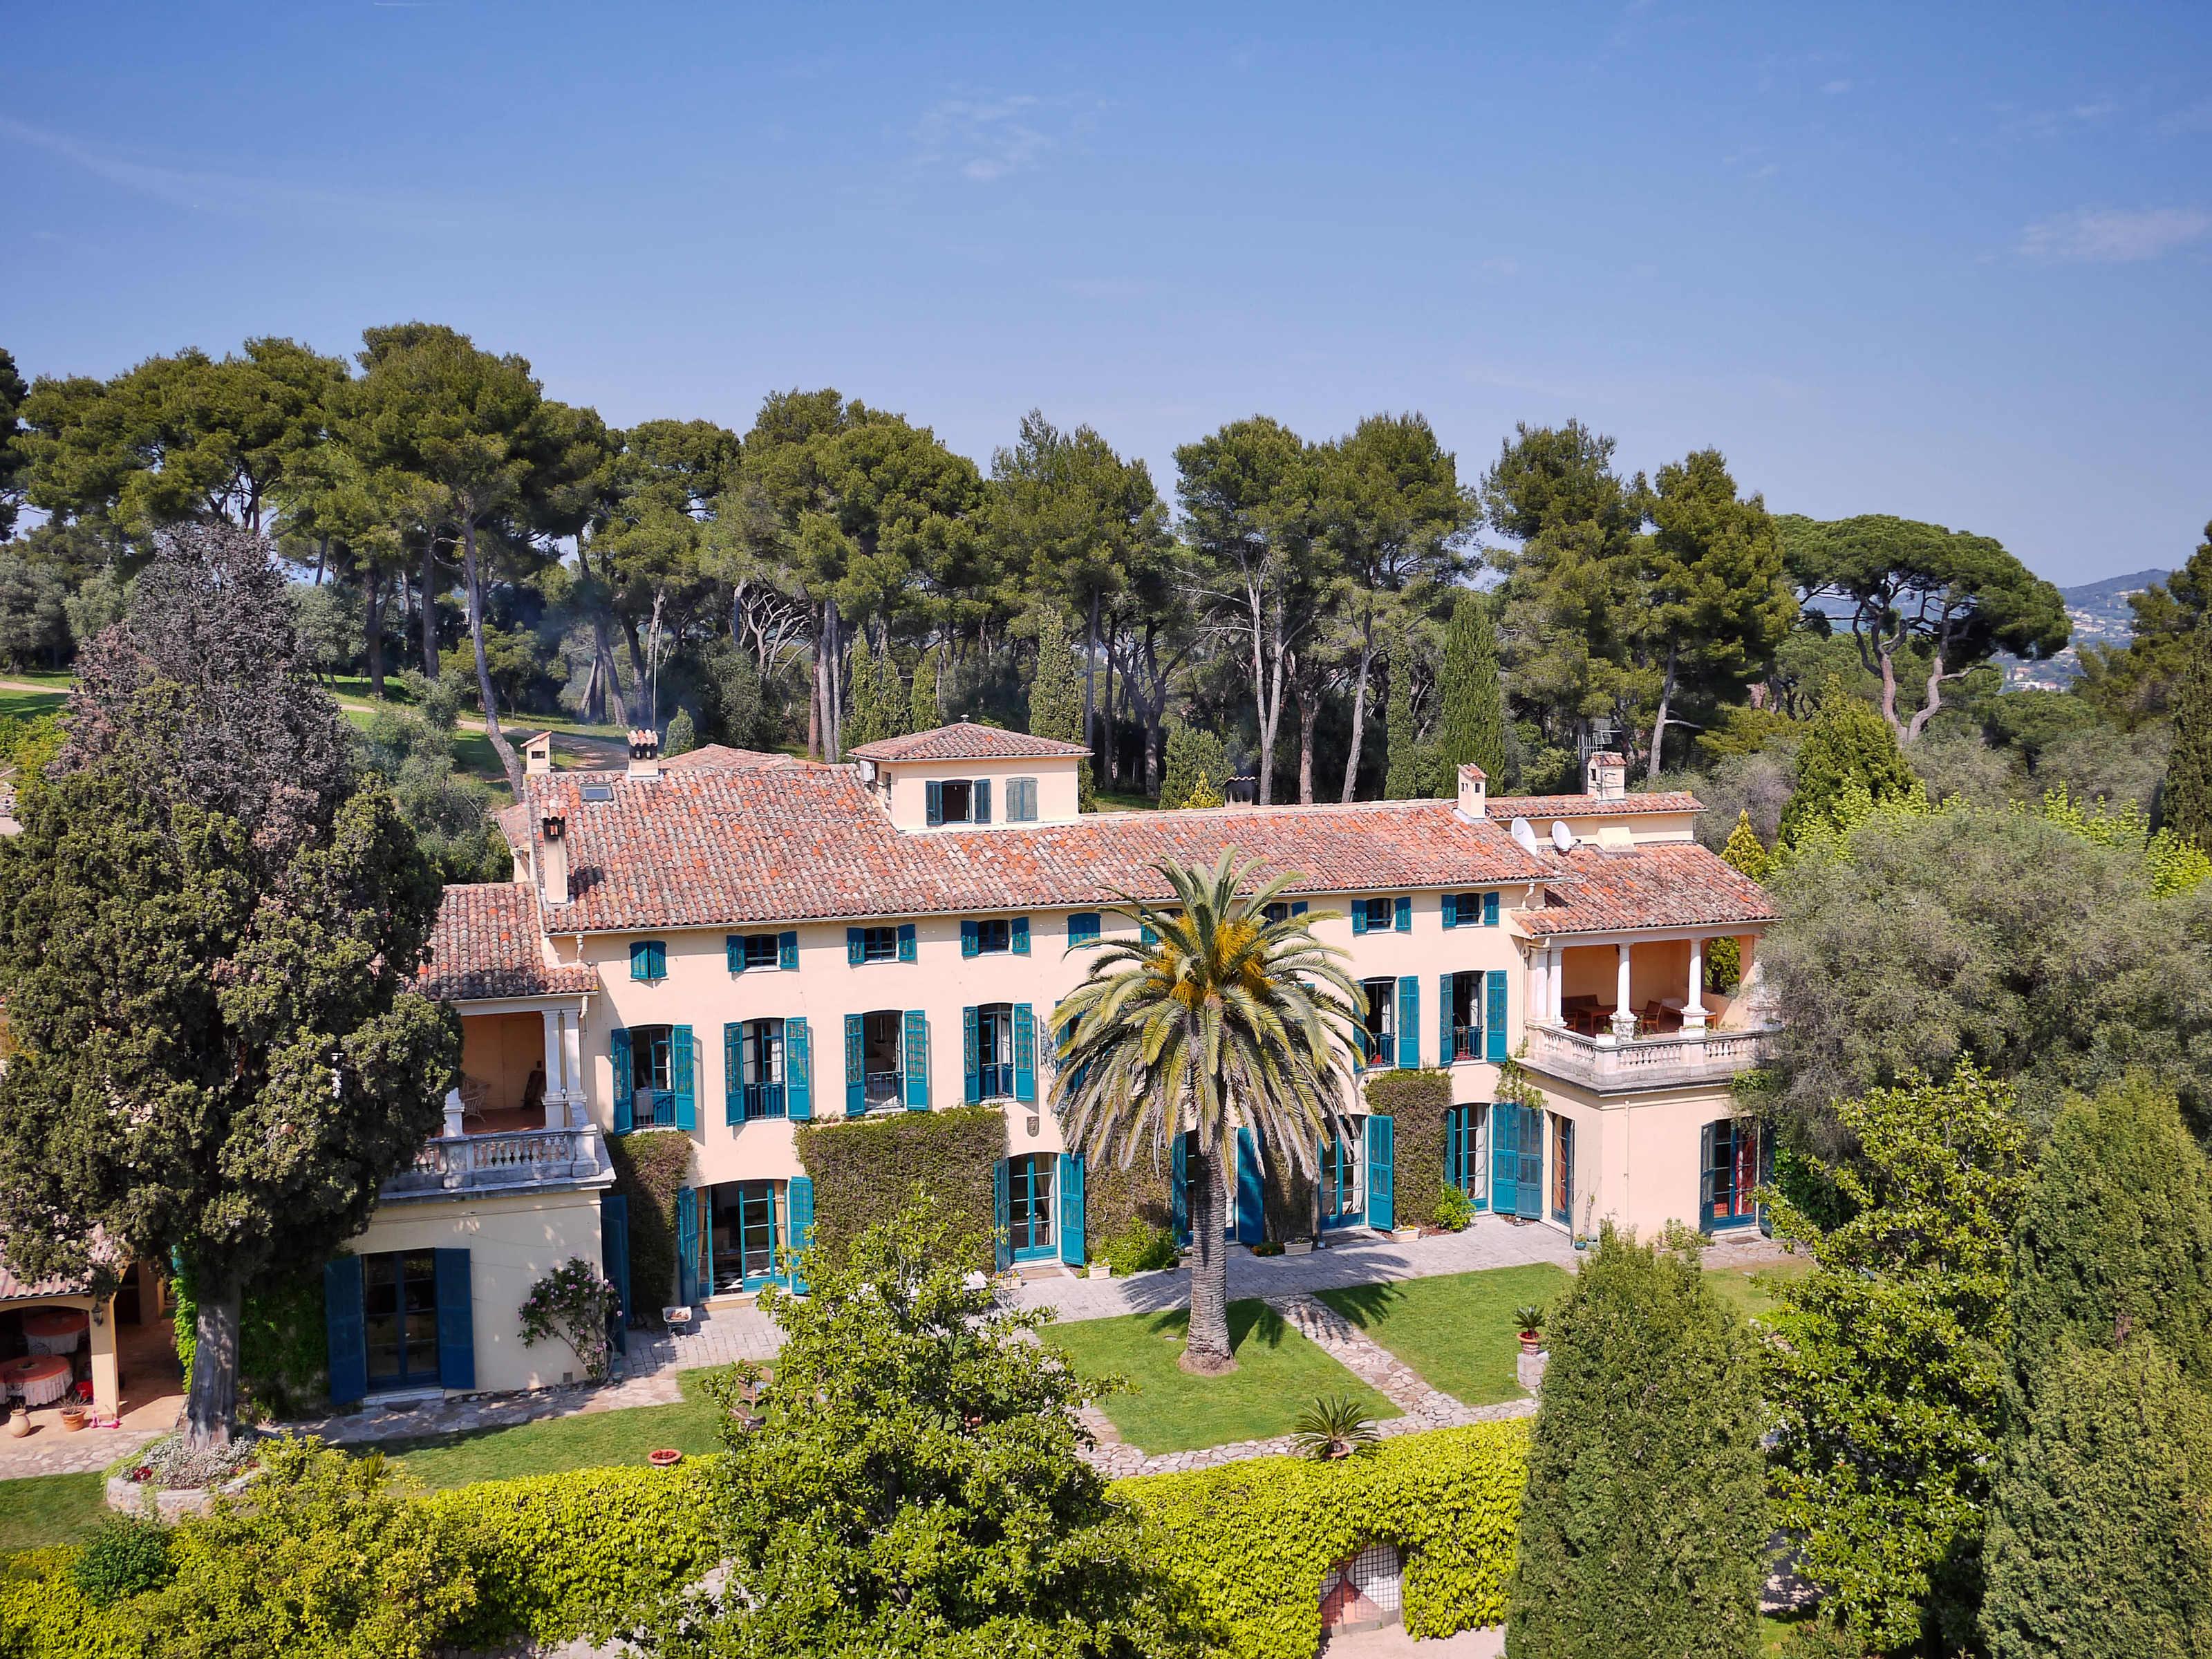 Other Residential for Sale at Superbe château avec vues mer, à 5 minutes de Cannes Mougins, Provence-Alpes-Cote D'Azur 06250 France